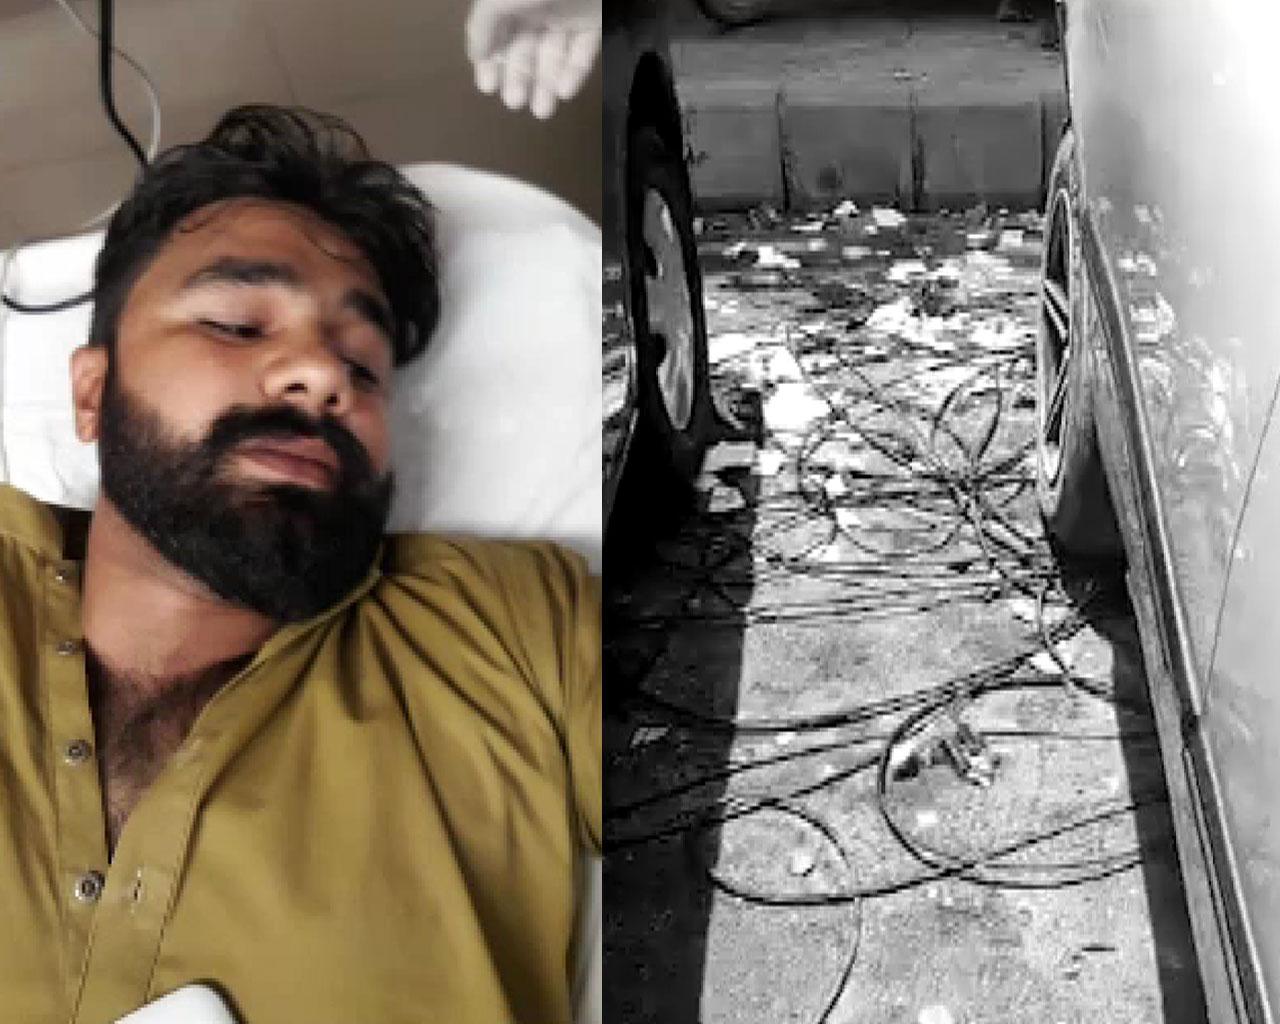 کراچی میں آئی آئی چندریگر روڈ پر پولیس اہلکار کی فائرنگ ، ایک شخص جاں بحق